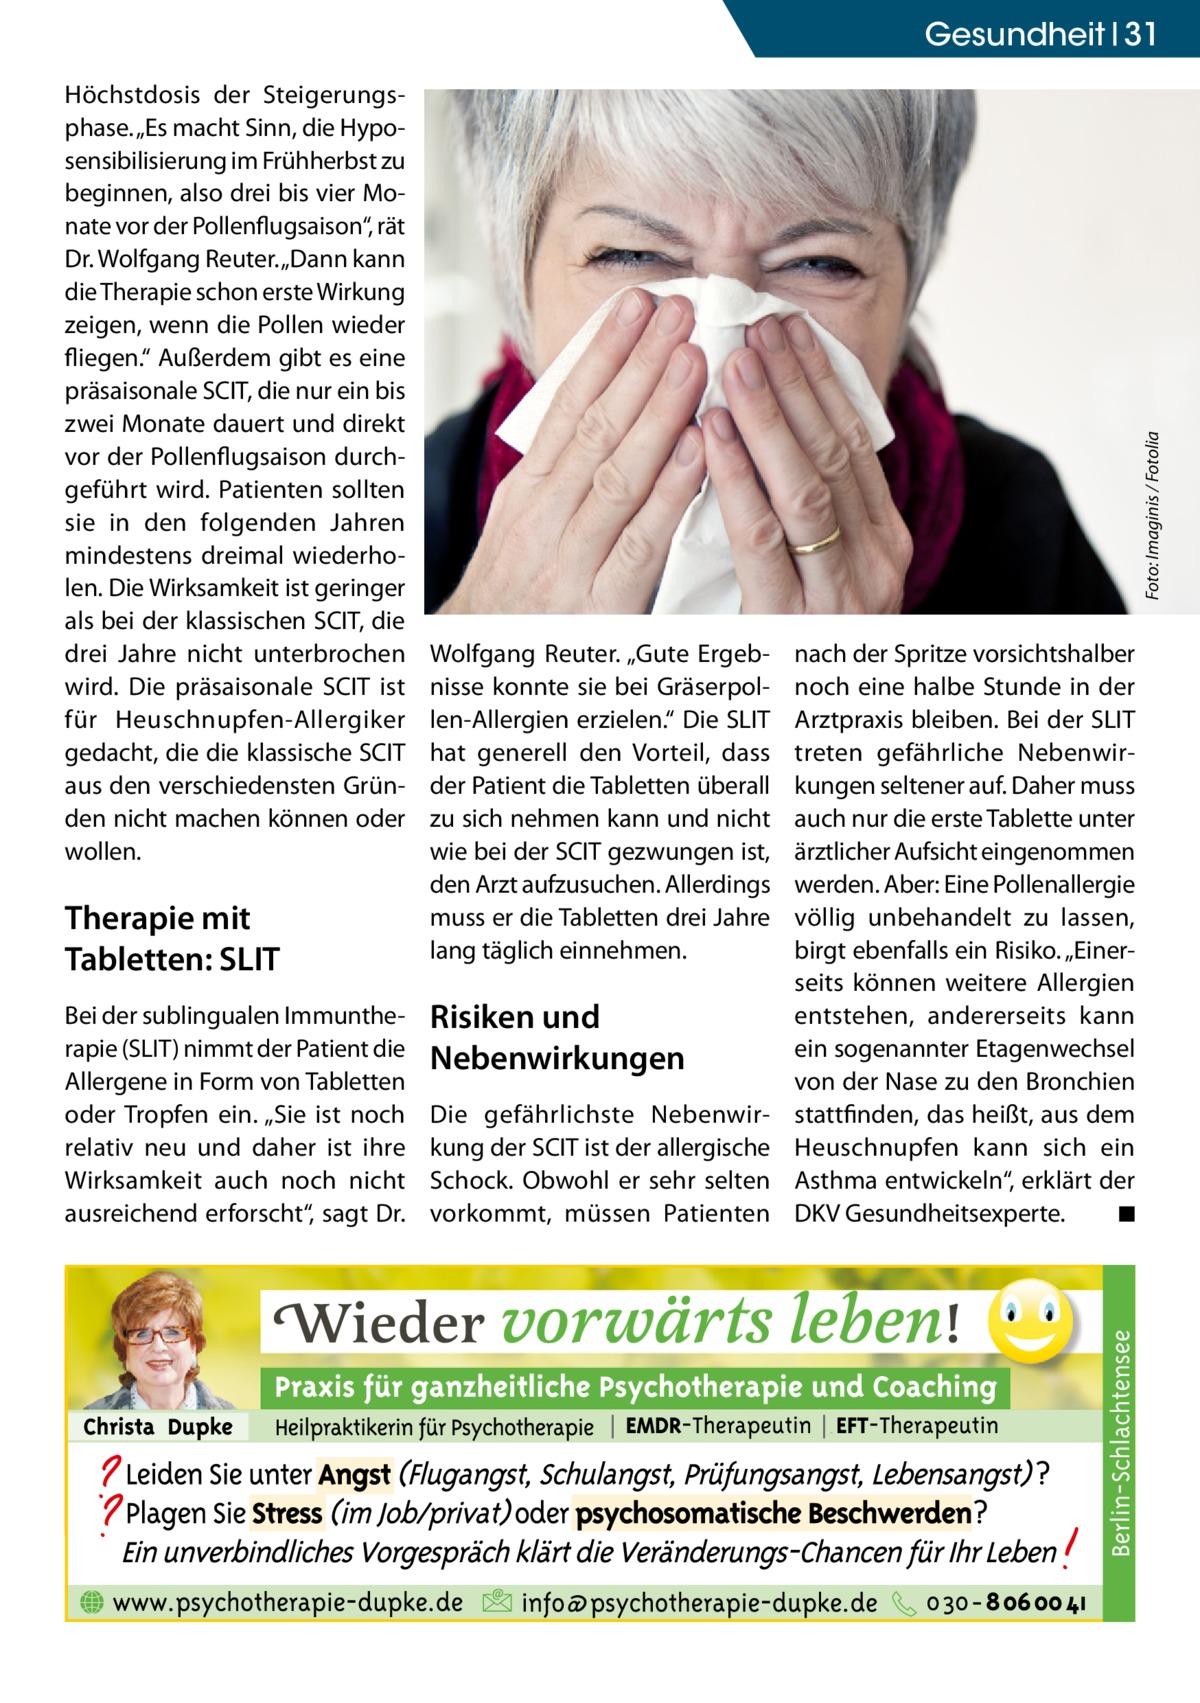 """Therapie mit Tabletten: SLIT Bei der sublingualen Immuntherapie (SLIT) nimmt der Patient die Allergene in Form von Tabletten oder Tropfen ein. """"Sie ist noch relativ neu und daher ist ihre Wirksamkeit auch noch nicht ausreichend erforscht"""", sagt Dr.  Wolfgang Reuter. """"Gute Ergebnisse konnte sie bei Gräserpollen-Allergien erzielen."""" Die SLIT hat generell den Vorteil, dass der Patient die Tabletten überall zu sich nehmen kann und nicht wie bei der SCIT gezwungen ist, den Arzt aufzusuchen. Allerdings muss er die Tabletten drei Jahre lang täglich einnehmen.  Risiken und Nebenwirkungen Die gefährlichste Nebenwirkung der SCIT ist der allergische Schock. Obwohl er sehr selten vorkommt, müssen Patienten  nach der Spritze vorsichtshalber noch eine halbe Stunde in der Arztpraxis bleiben. Bei der SLIT treten gefährliche Nebenwirkungen seltener auf. Daher muss auch nur die erste Tablette unter ärztlicher Aufsicht eingenommen werden. Aber: Eine Pollenallergie völlig unbehandelt zu lassen, birgt ebenfalls ein Risiko. """"Einerseits können weitere Allergien entstehen, andererseits kann ein sogenannter Etagenwechsel von der Nase zu den Bronchien stattfinden, das heißt, aus dem Heuschnupfen kann sich ein Asthma entwickeln"""", erklärt der DKV Gesundheitsexperte. � ◾  Berlin-Schlachtensee  Höchstdosis der Steigerungsphase. """"Es macht Sinn, die Hyposensibilisierung im Frühherbst zu beginnen, also drei bis vier Monate vor der Pollenflugsaison"""", rät Dr. Wolfgang Reuter. """"Dann kann die Therapie schon erste Wirkung zeigen, wenn die Pollen wieder fliegen."""" Außerdem gibt es eine präsaisonale SCIT, die nur ein bis zwei Monate dauert und direkt vor der Pollenflugsaison durchgeführt wird. Patienten sollten sie in den folgenden Jahren mindestens dreimal wiederholen. Die Wirksamkeit ist geringer als bei der klassischen SCIT, die drei Jahre nicht unterbrochen wird. Die präsaisonale SCIT ist für Heuschnupfen-Allergiker gedacht, die die klassische SCIT aus den verschiedensten Gründen nicht machen können od"""